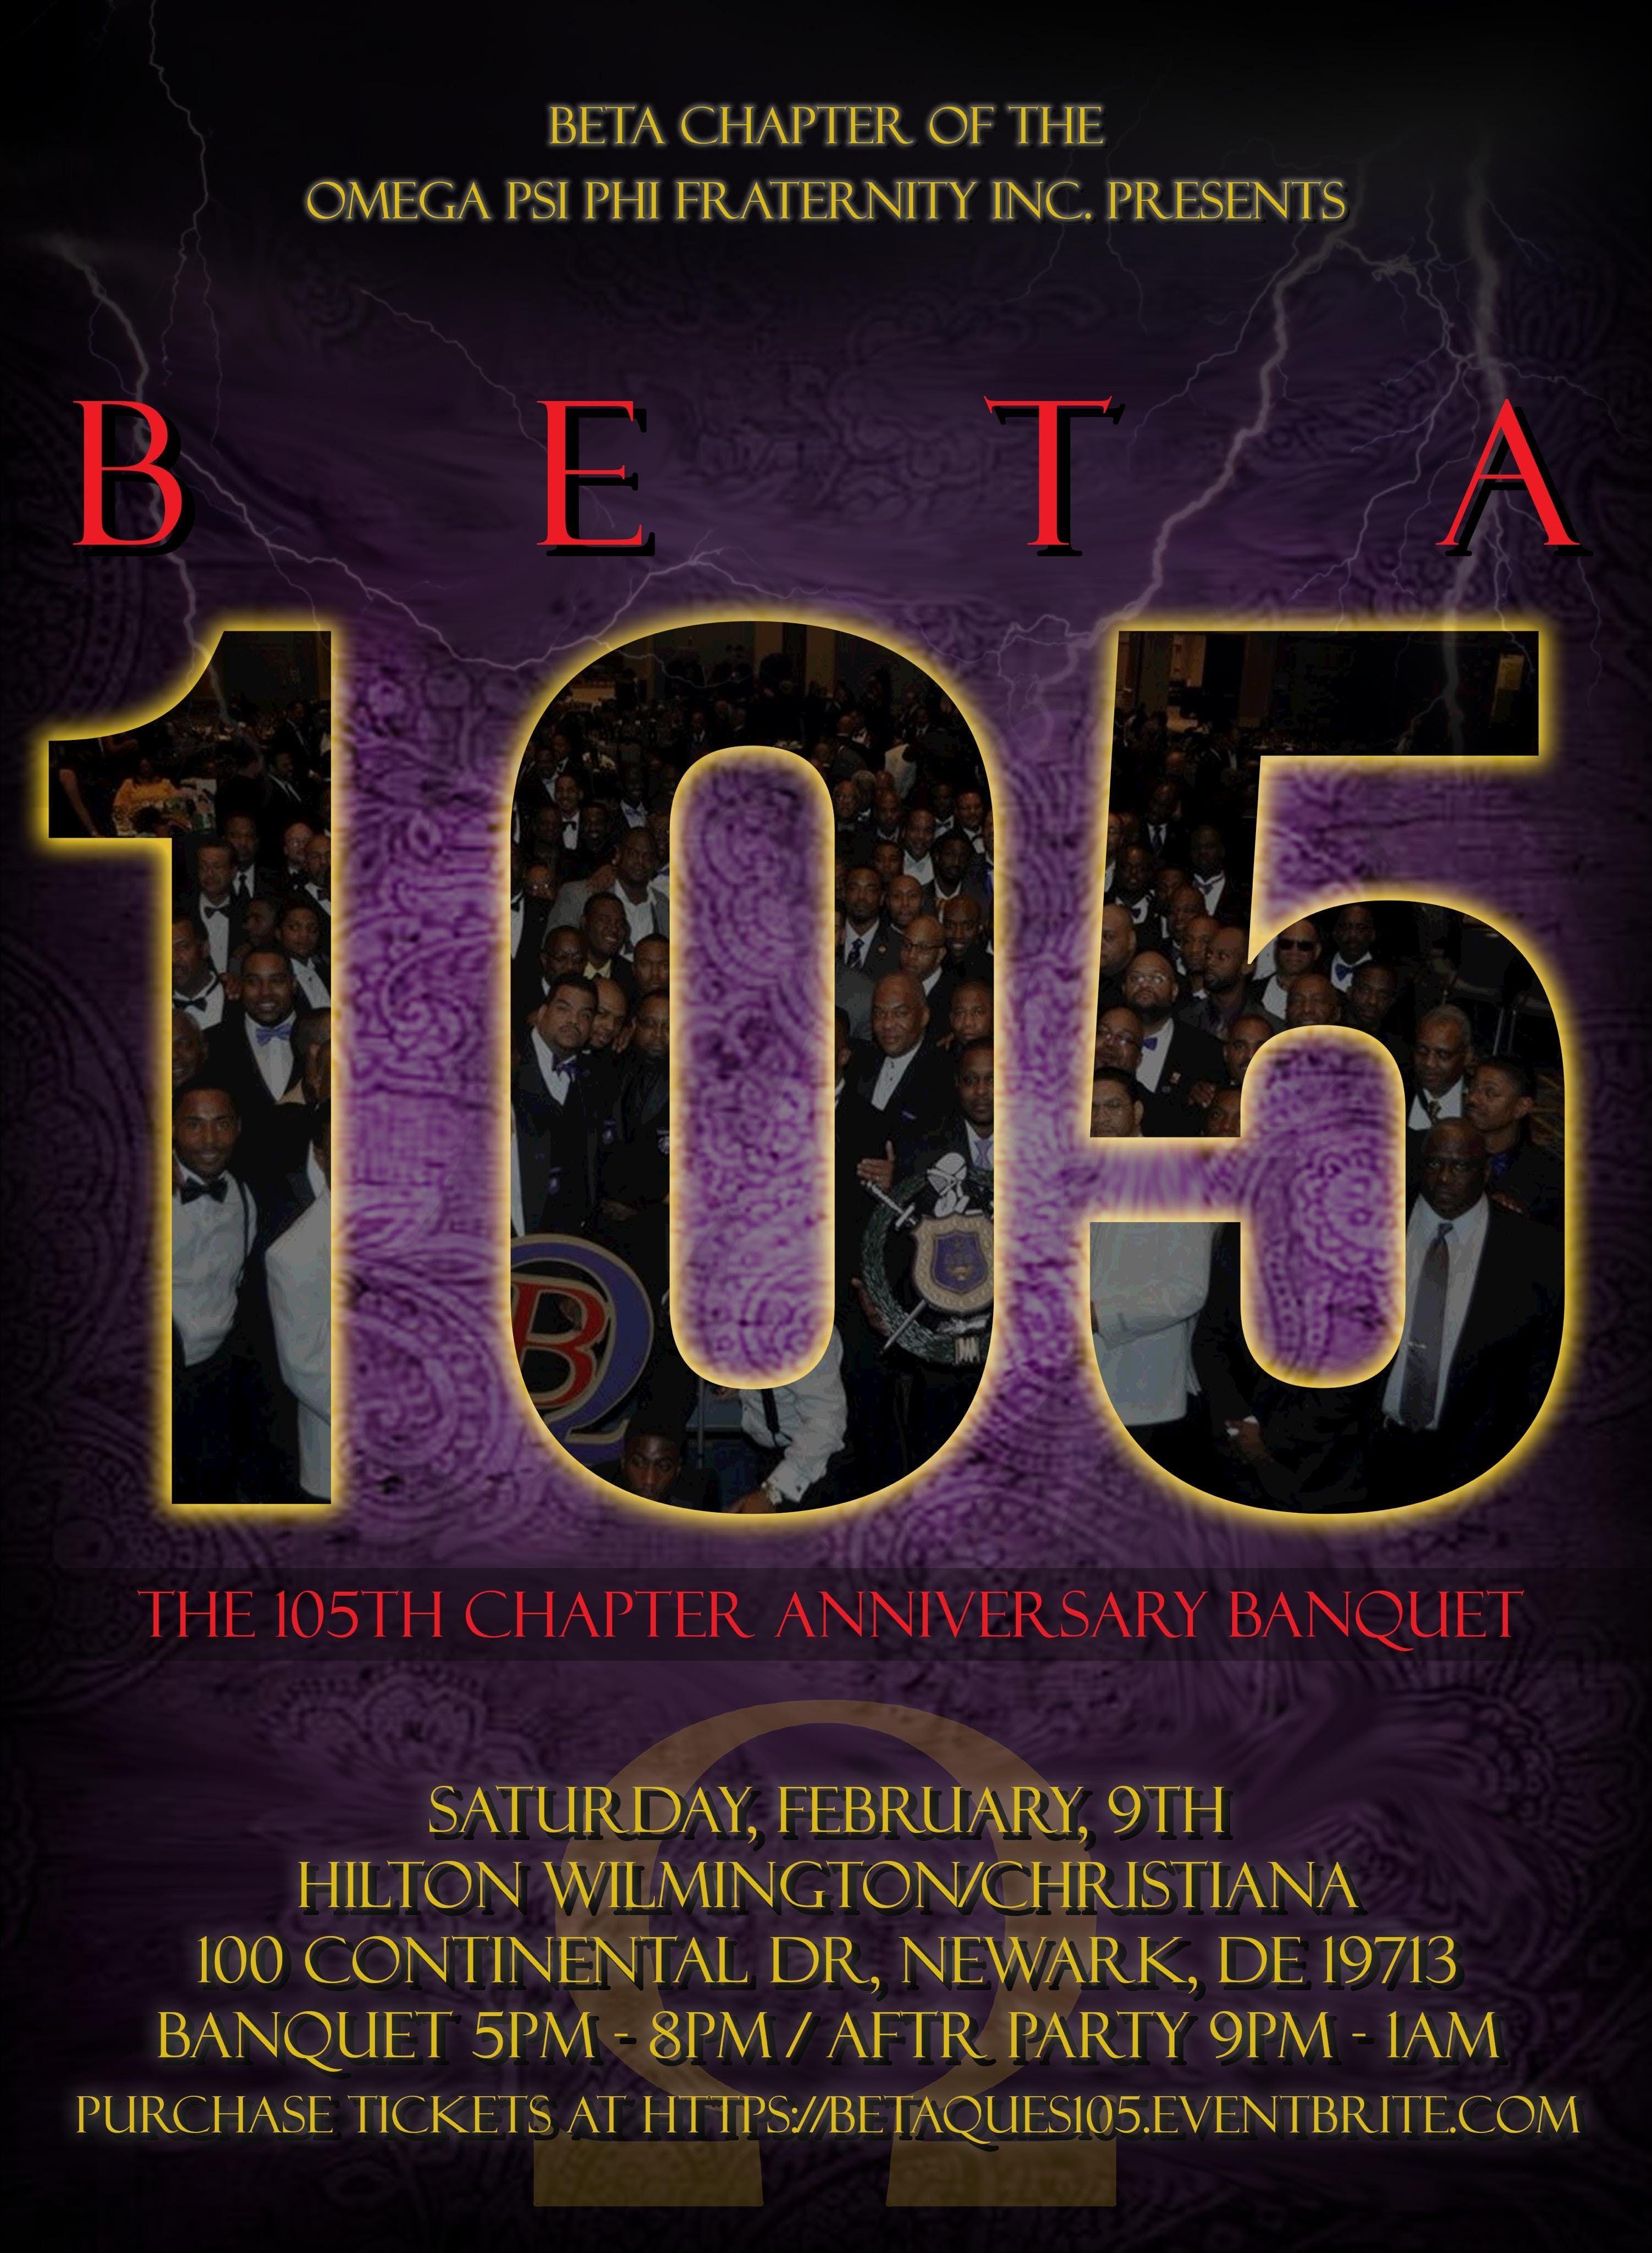 BETA Ques Present Beta 105 Banquet & Party Celebration